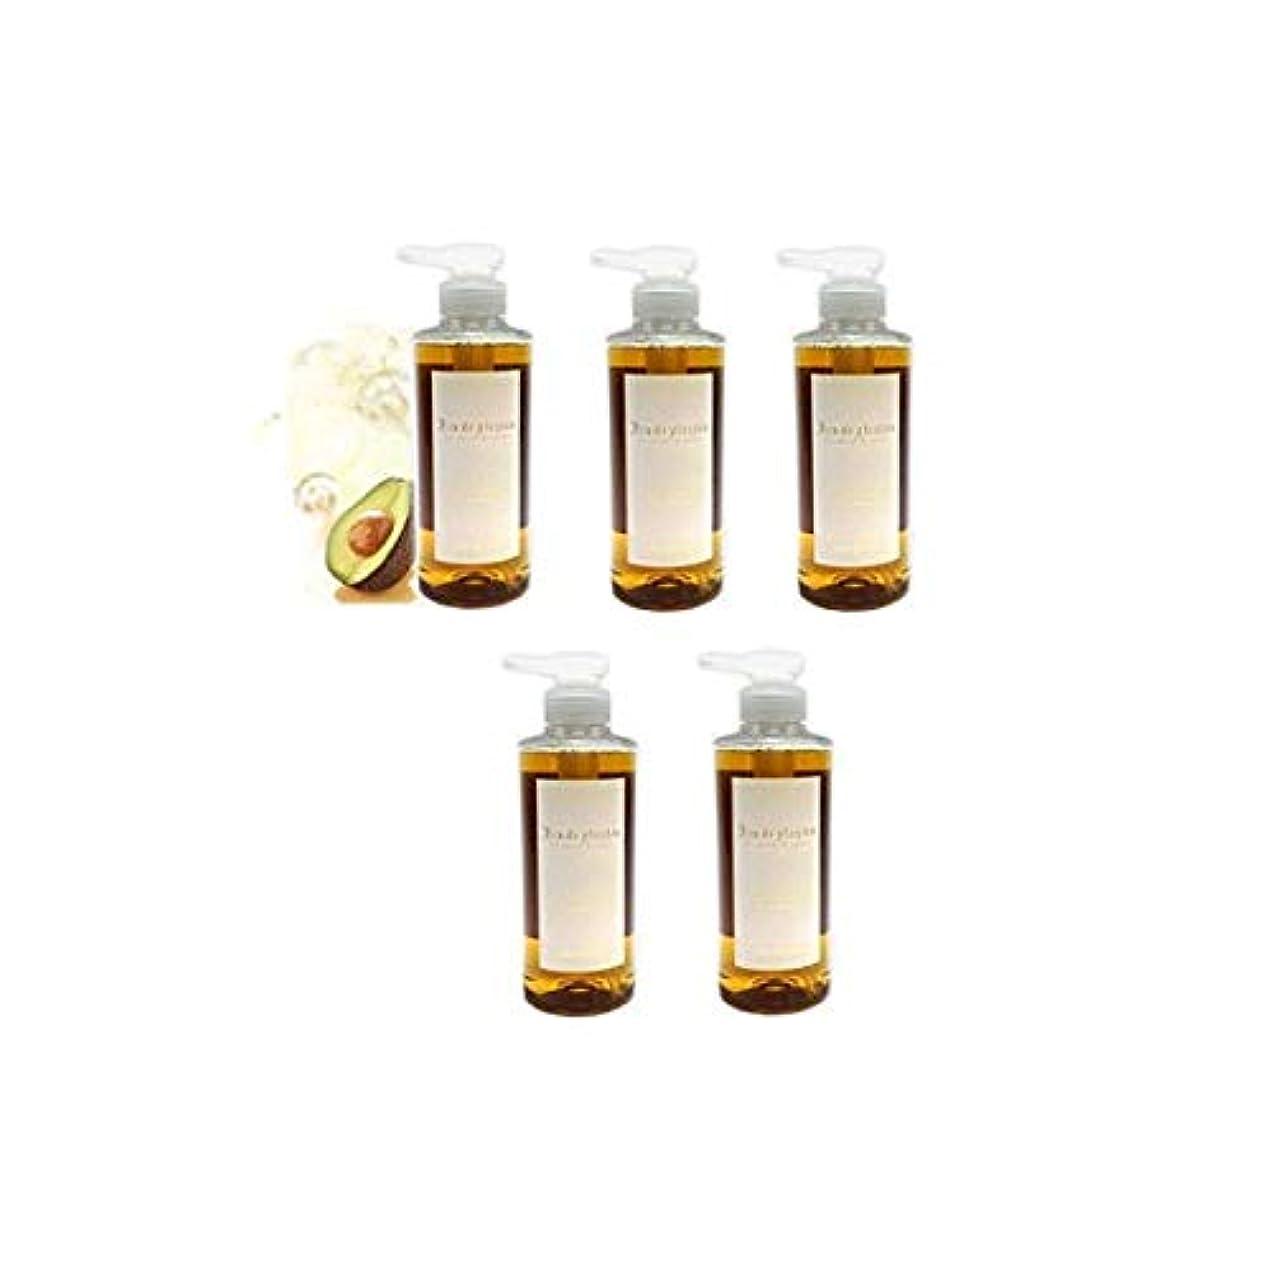 買収ハンディアンタゴニストジュドプランツオーガニックシャンプー&ボディ5本セット(440g×5本)オーガニック無添加石鹸シャンプー&ボディソープ